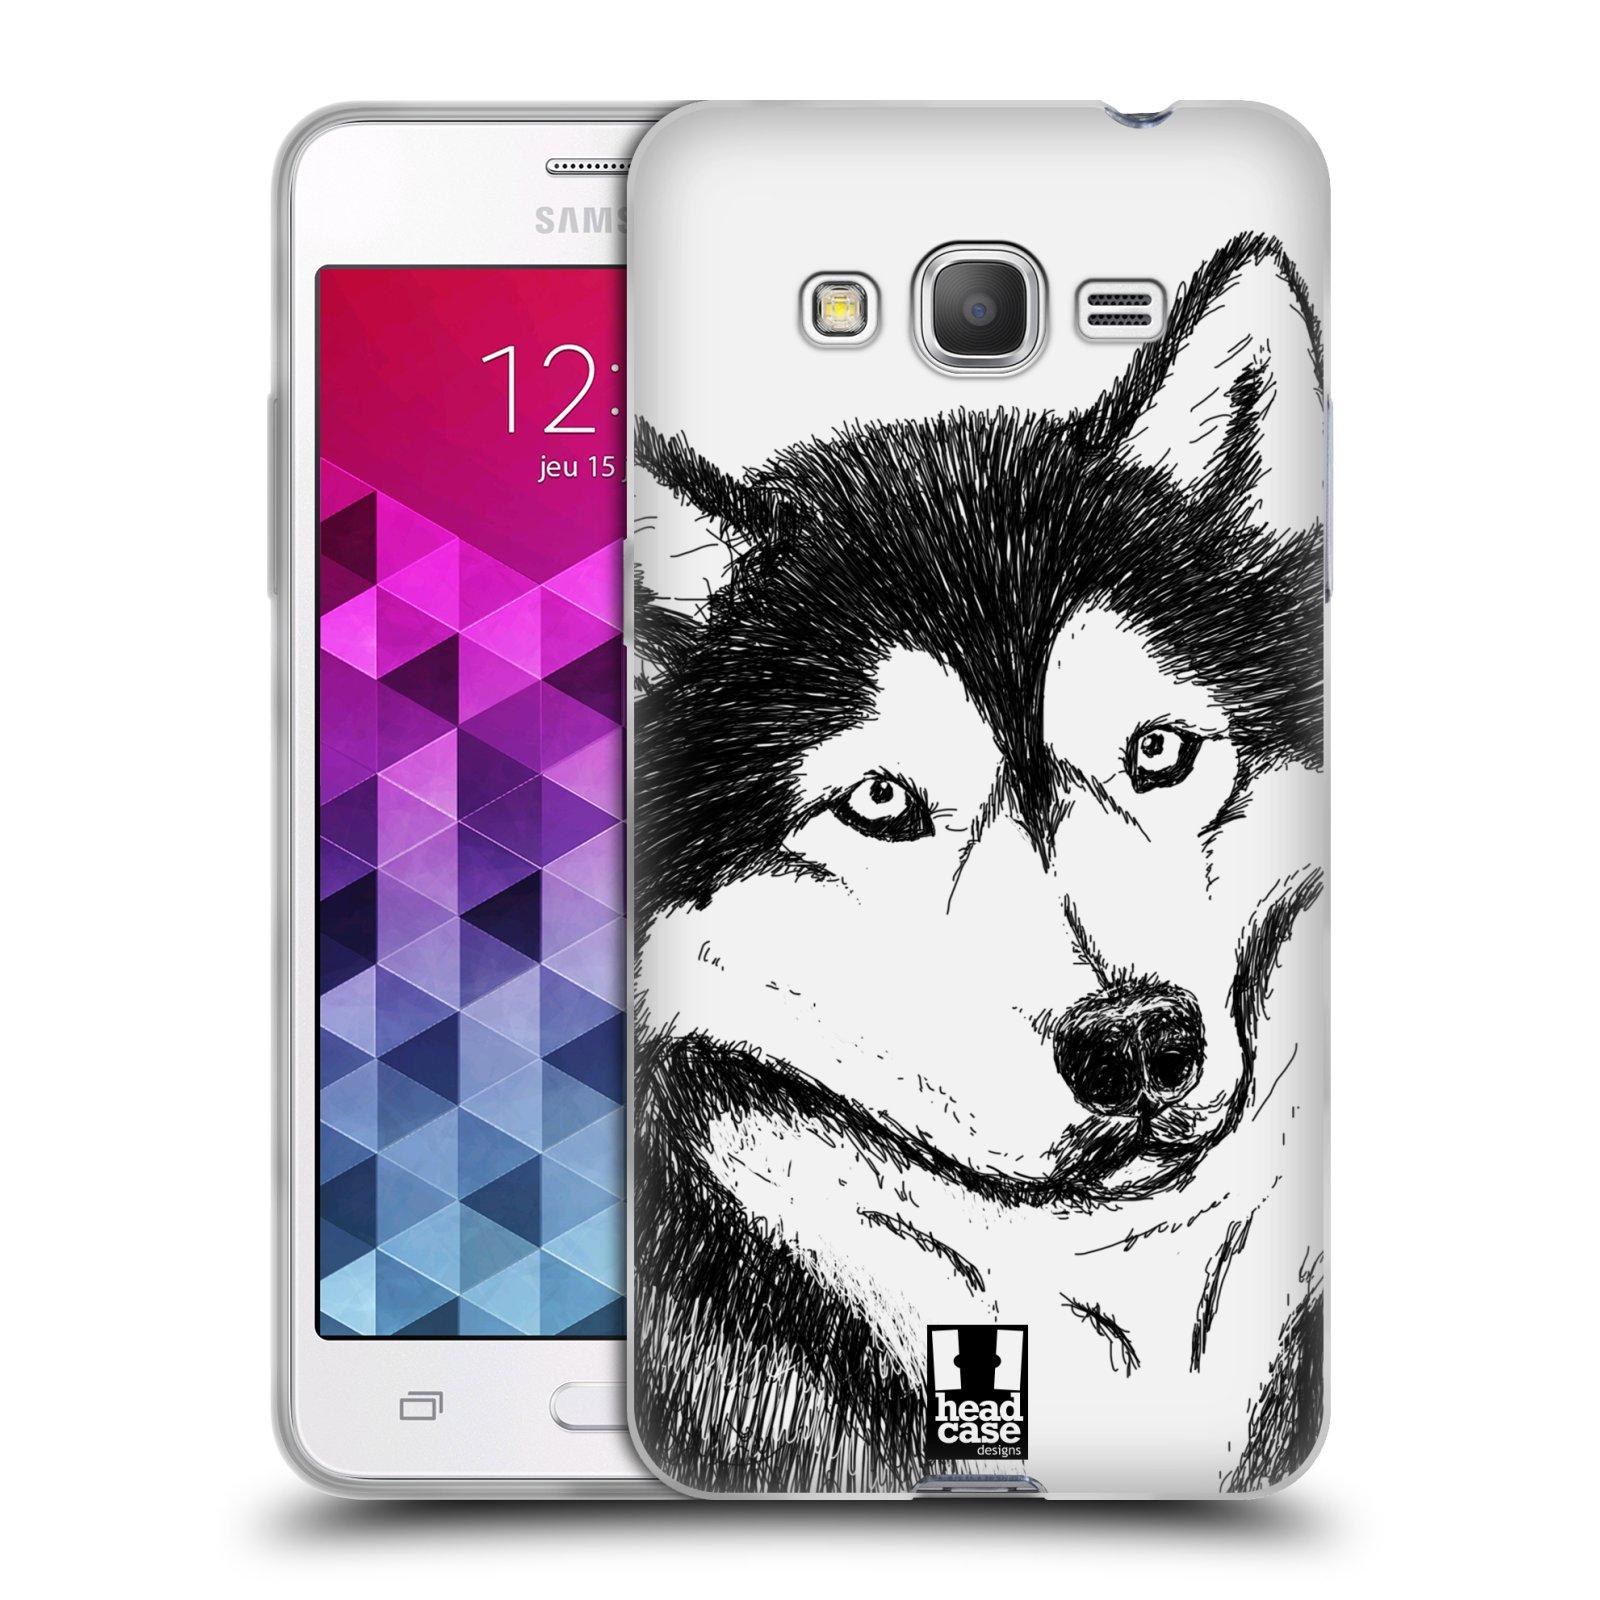 HEAD CASE silikonový obal na mobil Samsung Galaxy GRAND PRIME vzor Kreslená zvířátka černá a bílá pes husky